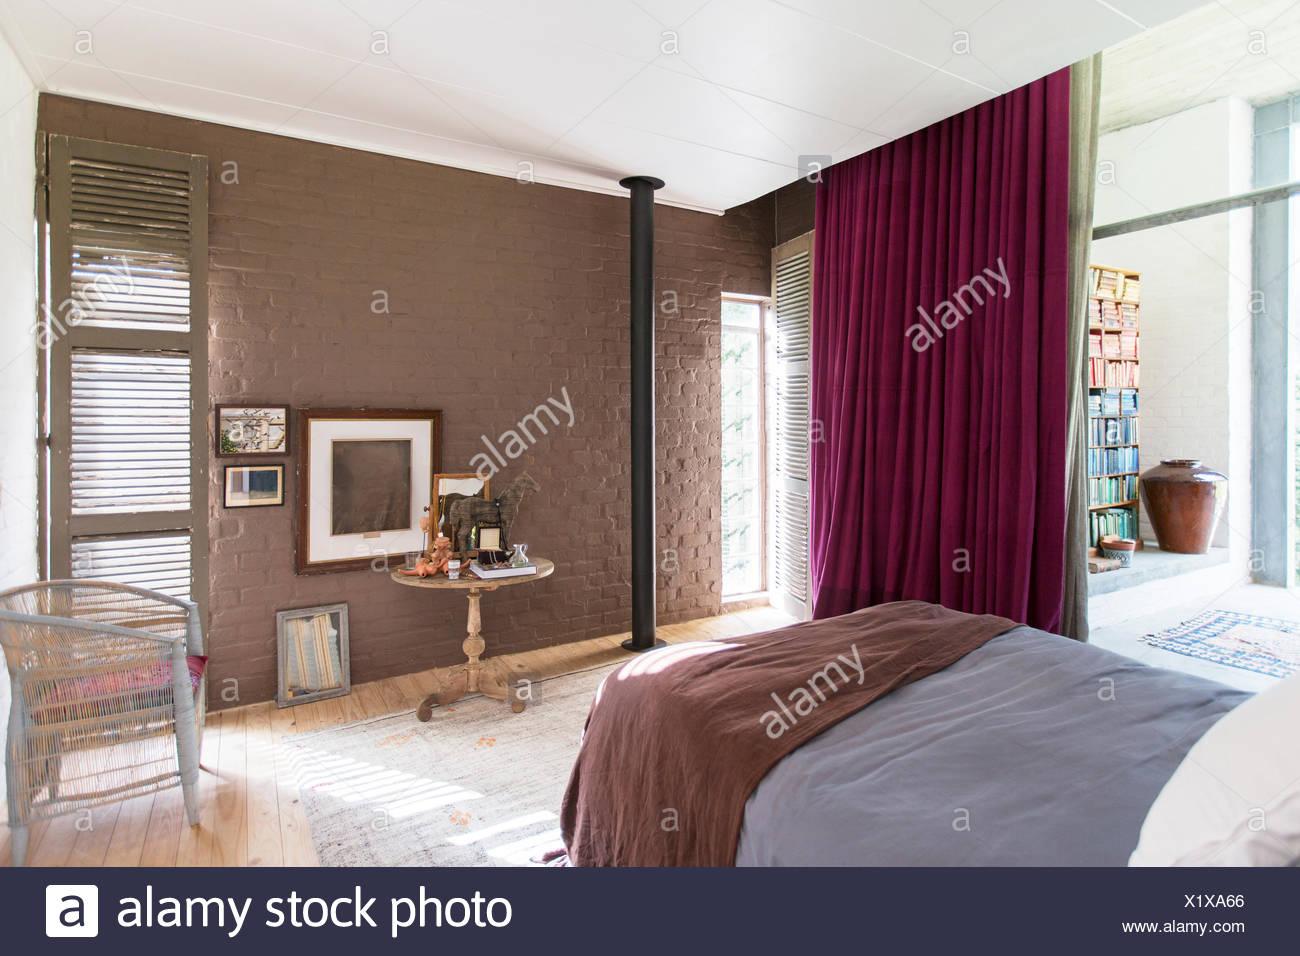 Cama, Mesa lateral y fotografías en dormitorio rústico Imagen De Stock